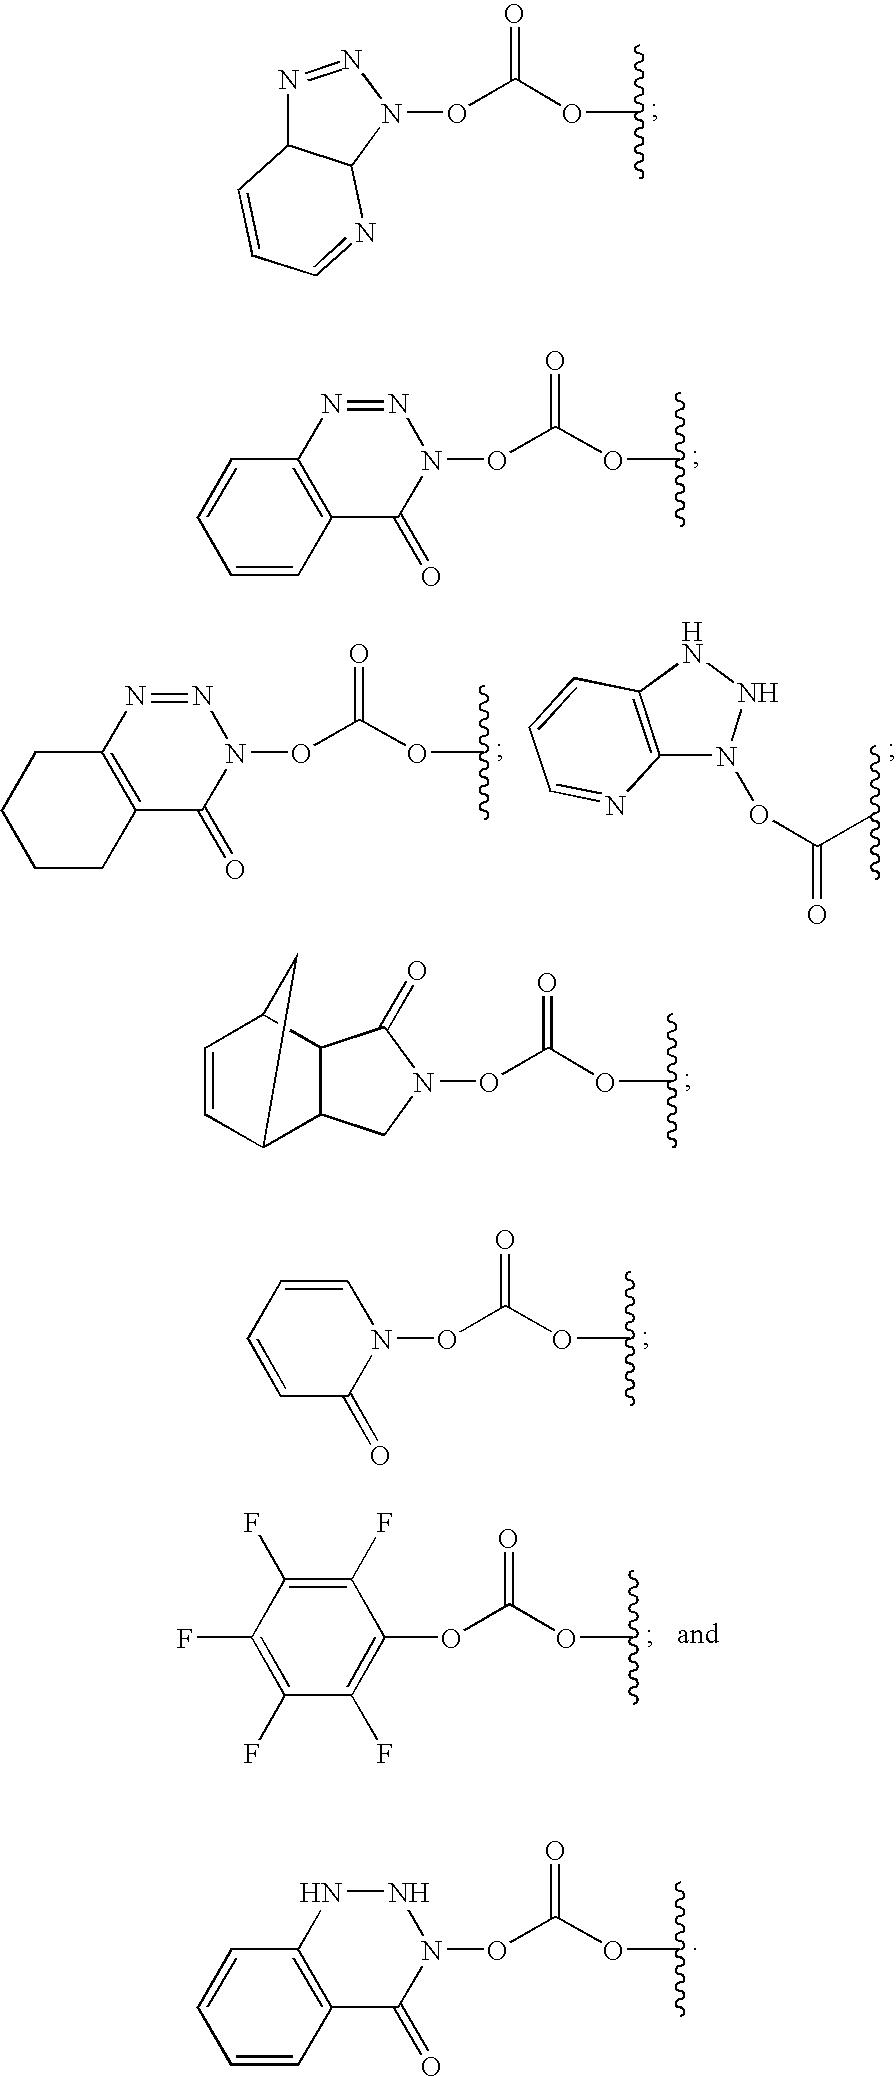 Figure US20080242607A1-20081002-C00017